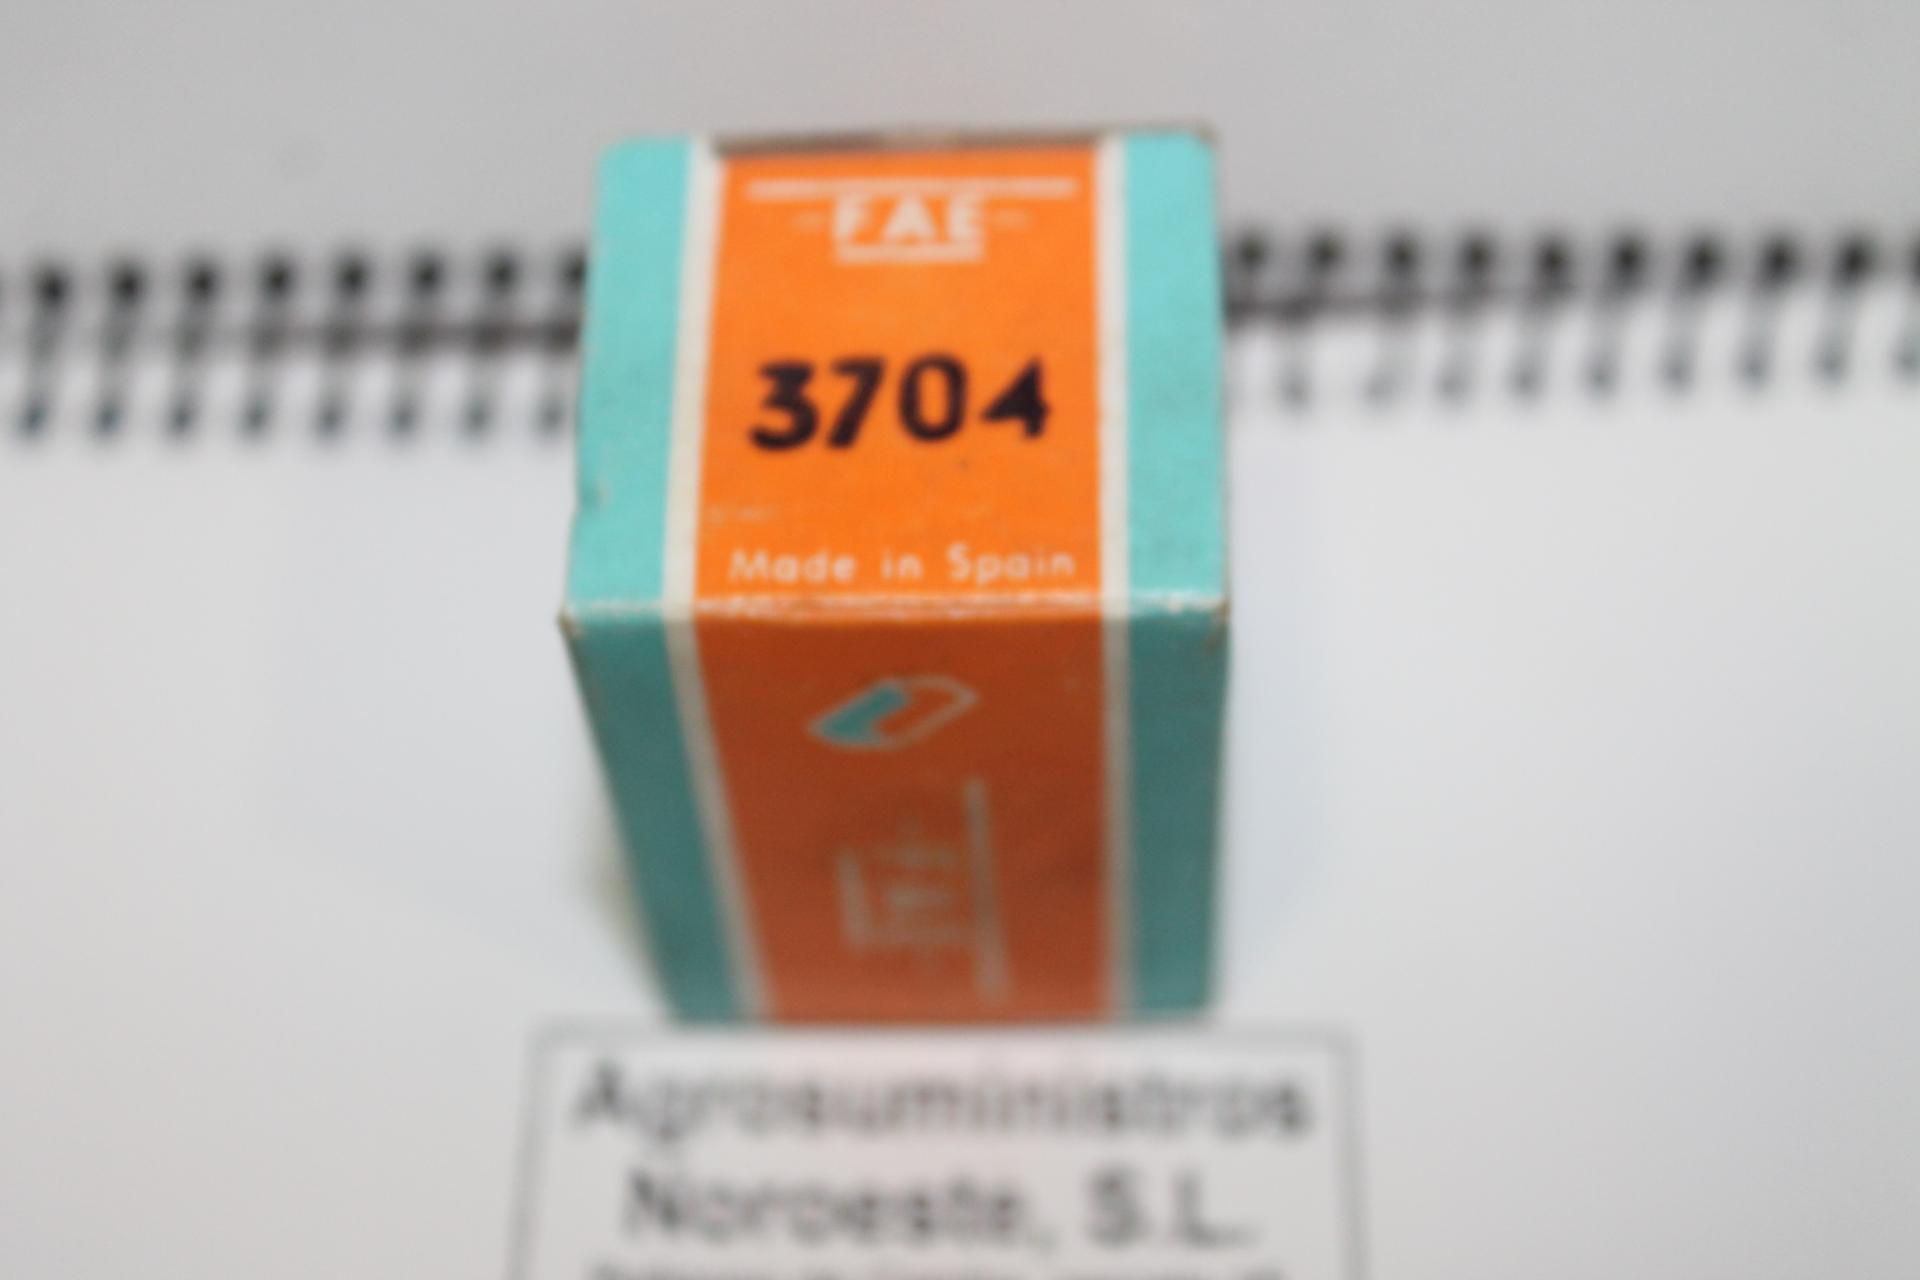 Termo-ventilador FAE 3704